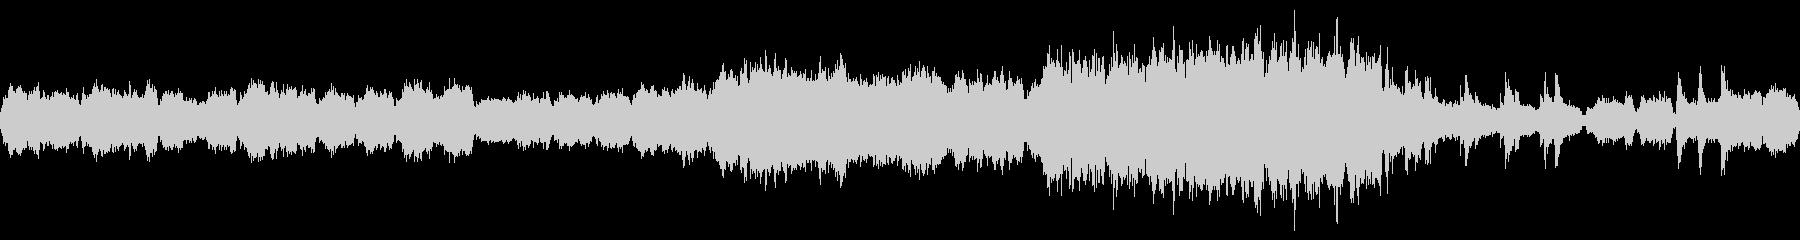 ストリングスの静かな曲の未再生の波形